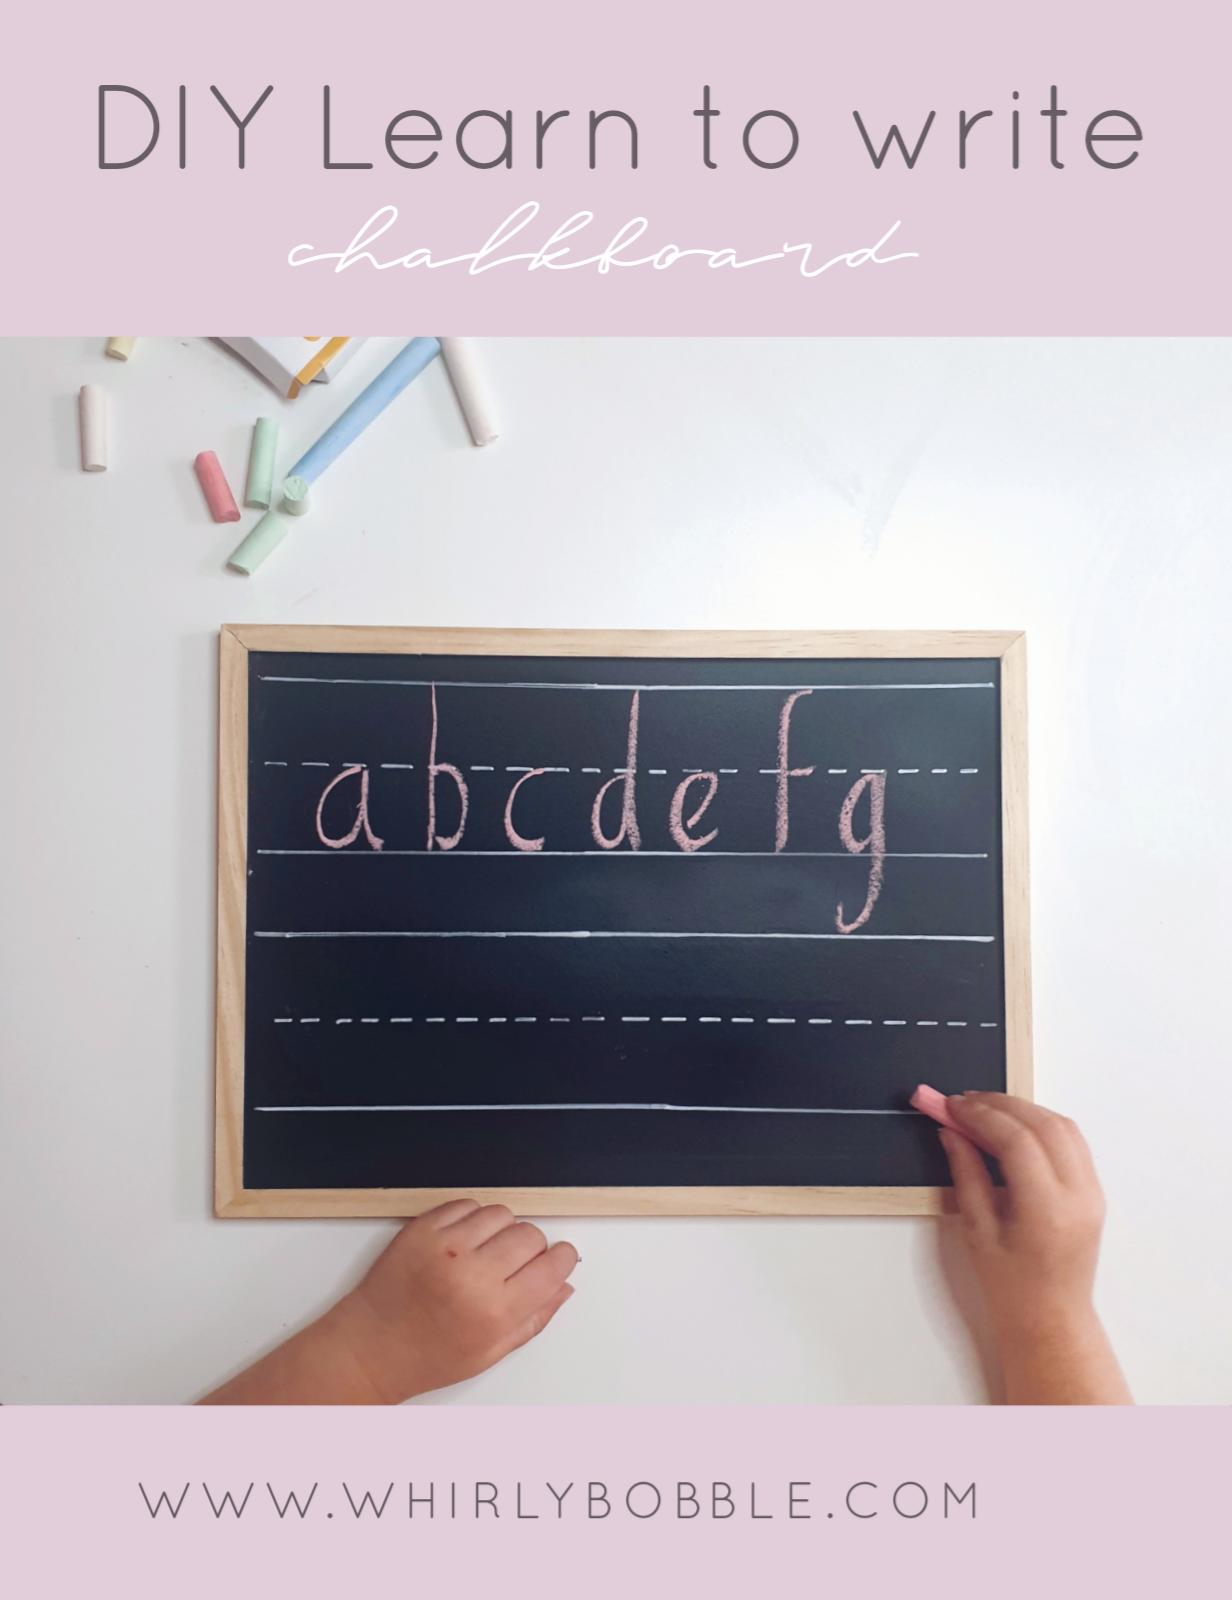 DIY Learn to write chalkboard